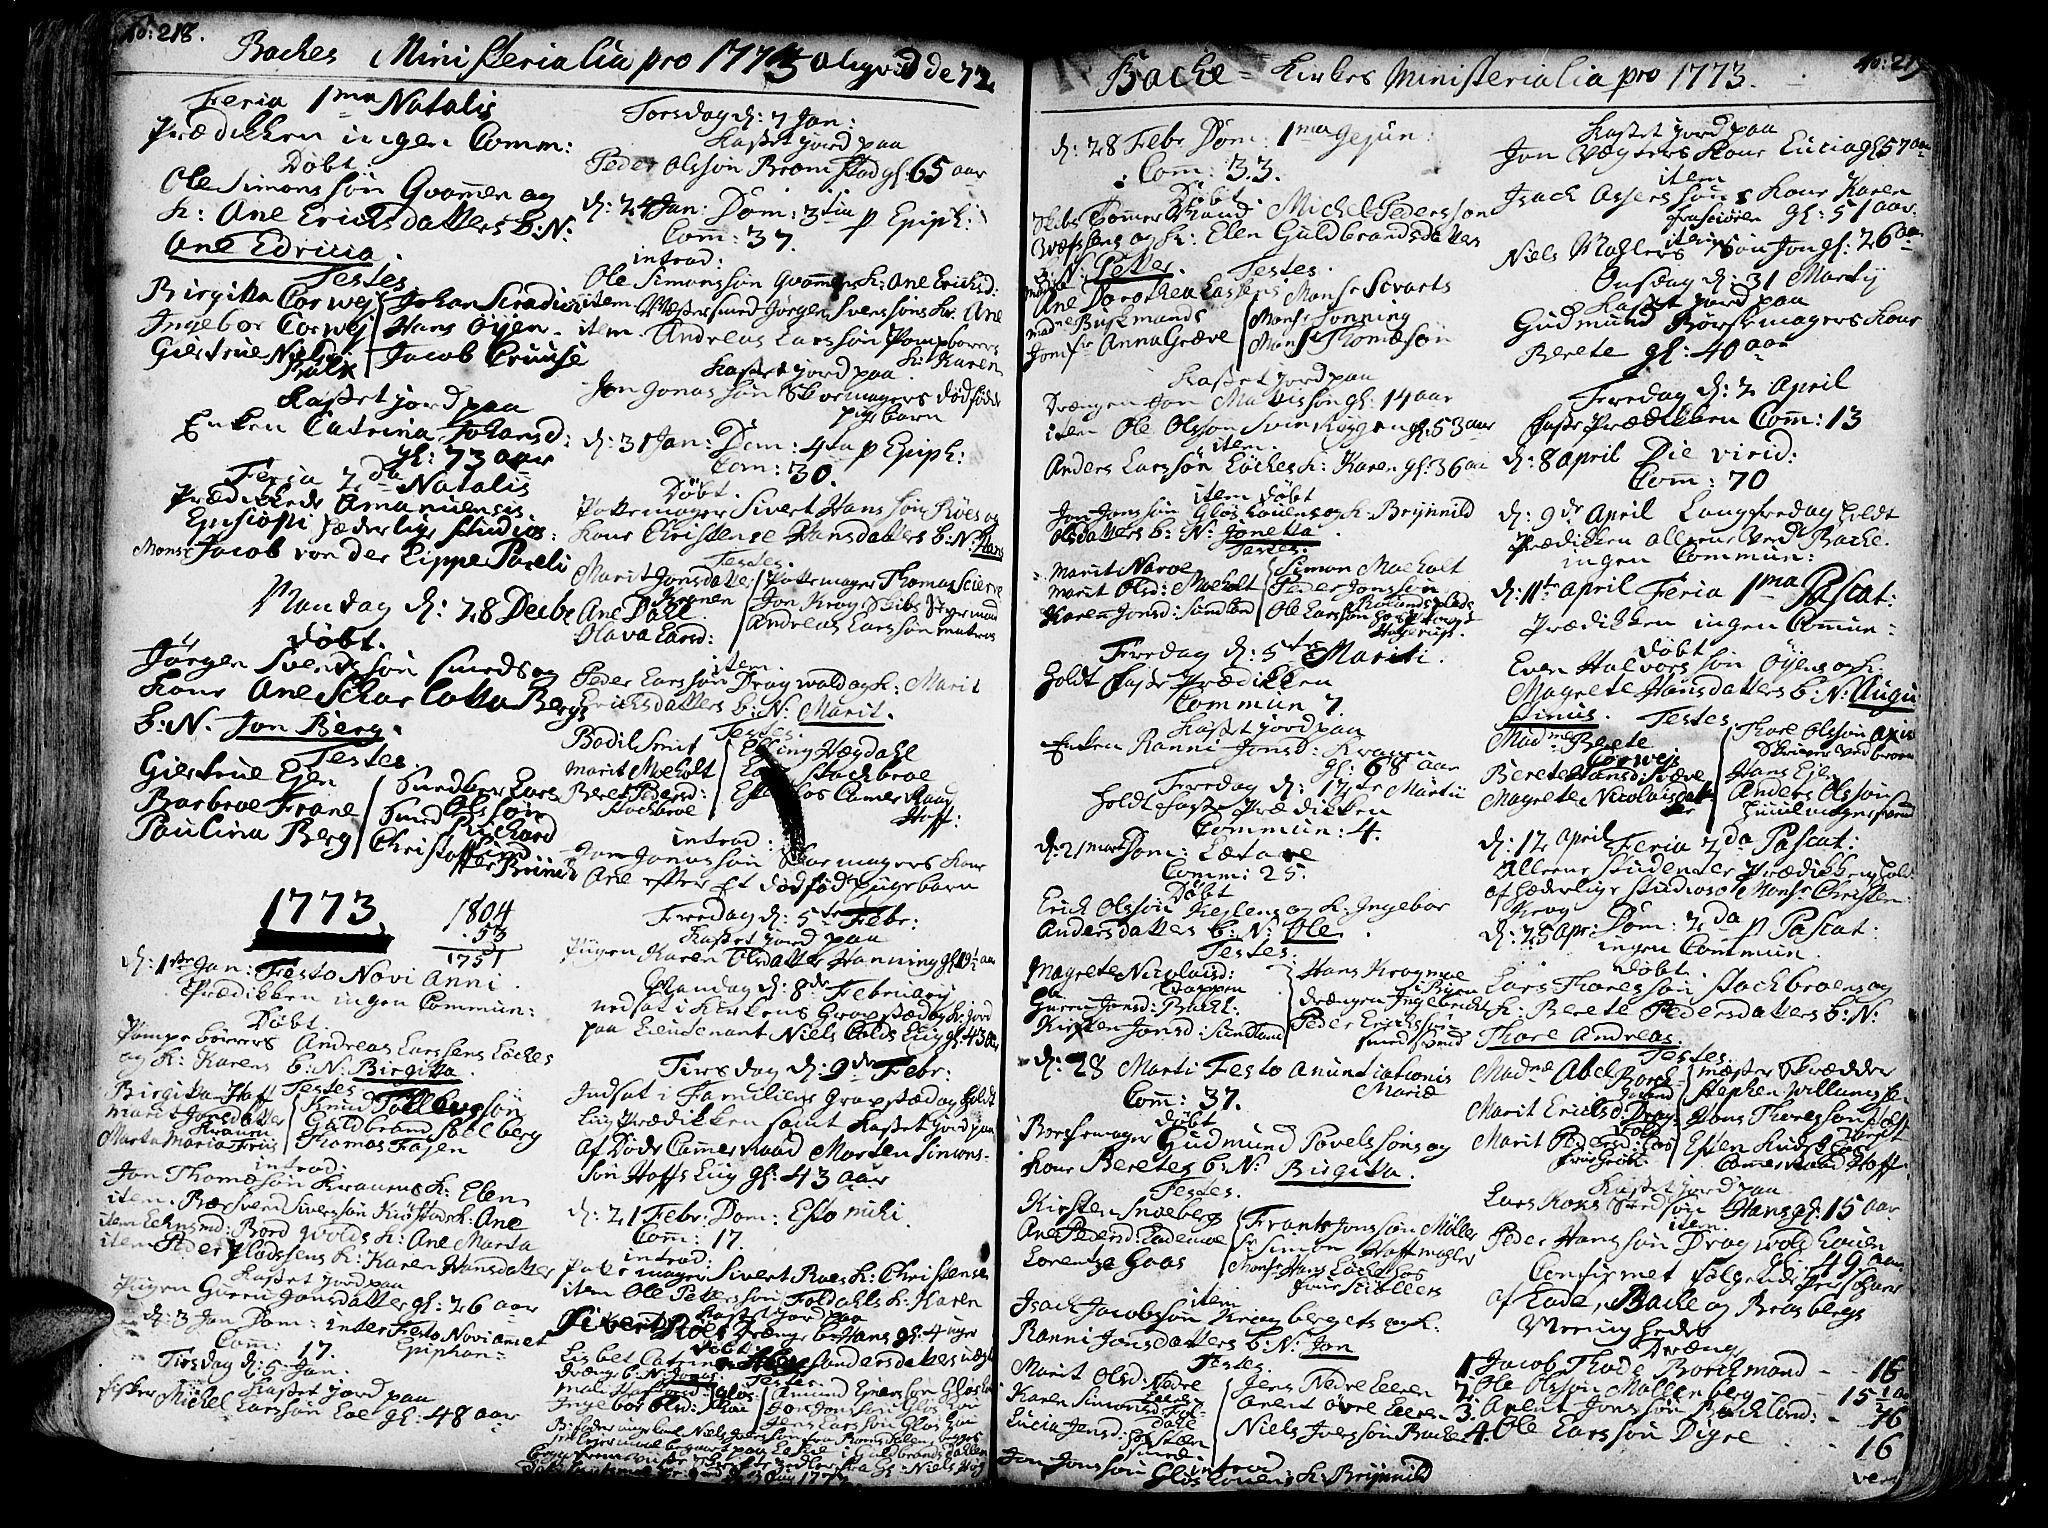 SAT, Ministerialprotokoller, klokkerbøker og fødselsregistre - Sør-Trøndelag, 606/L0276: Ministerialbok nr. 606A01 /2, 1727-1779, s. 218-219